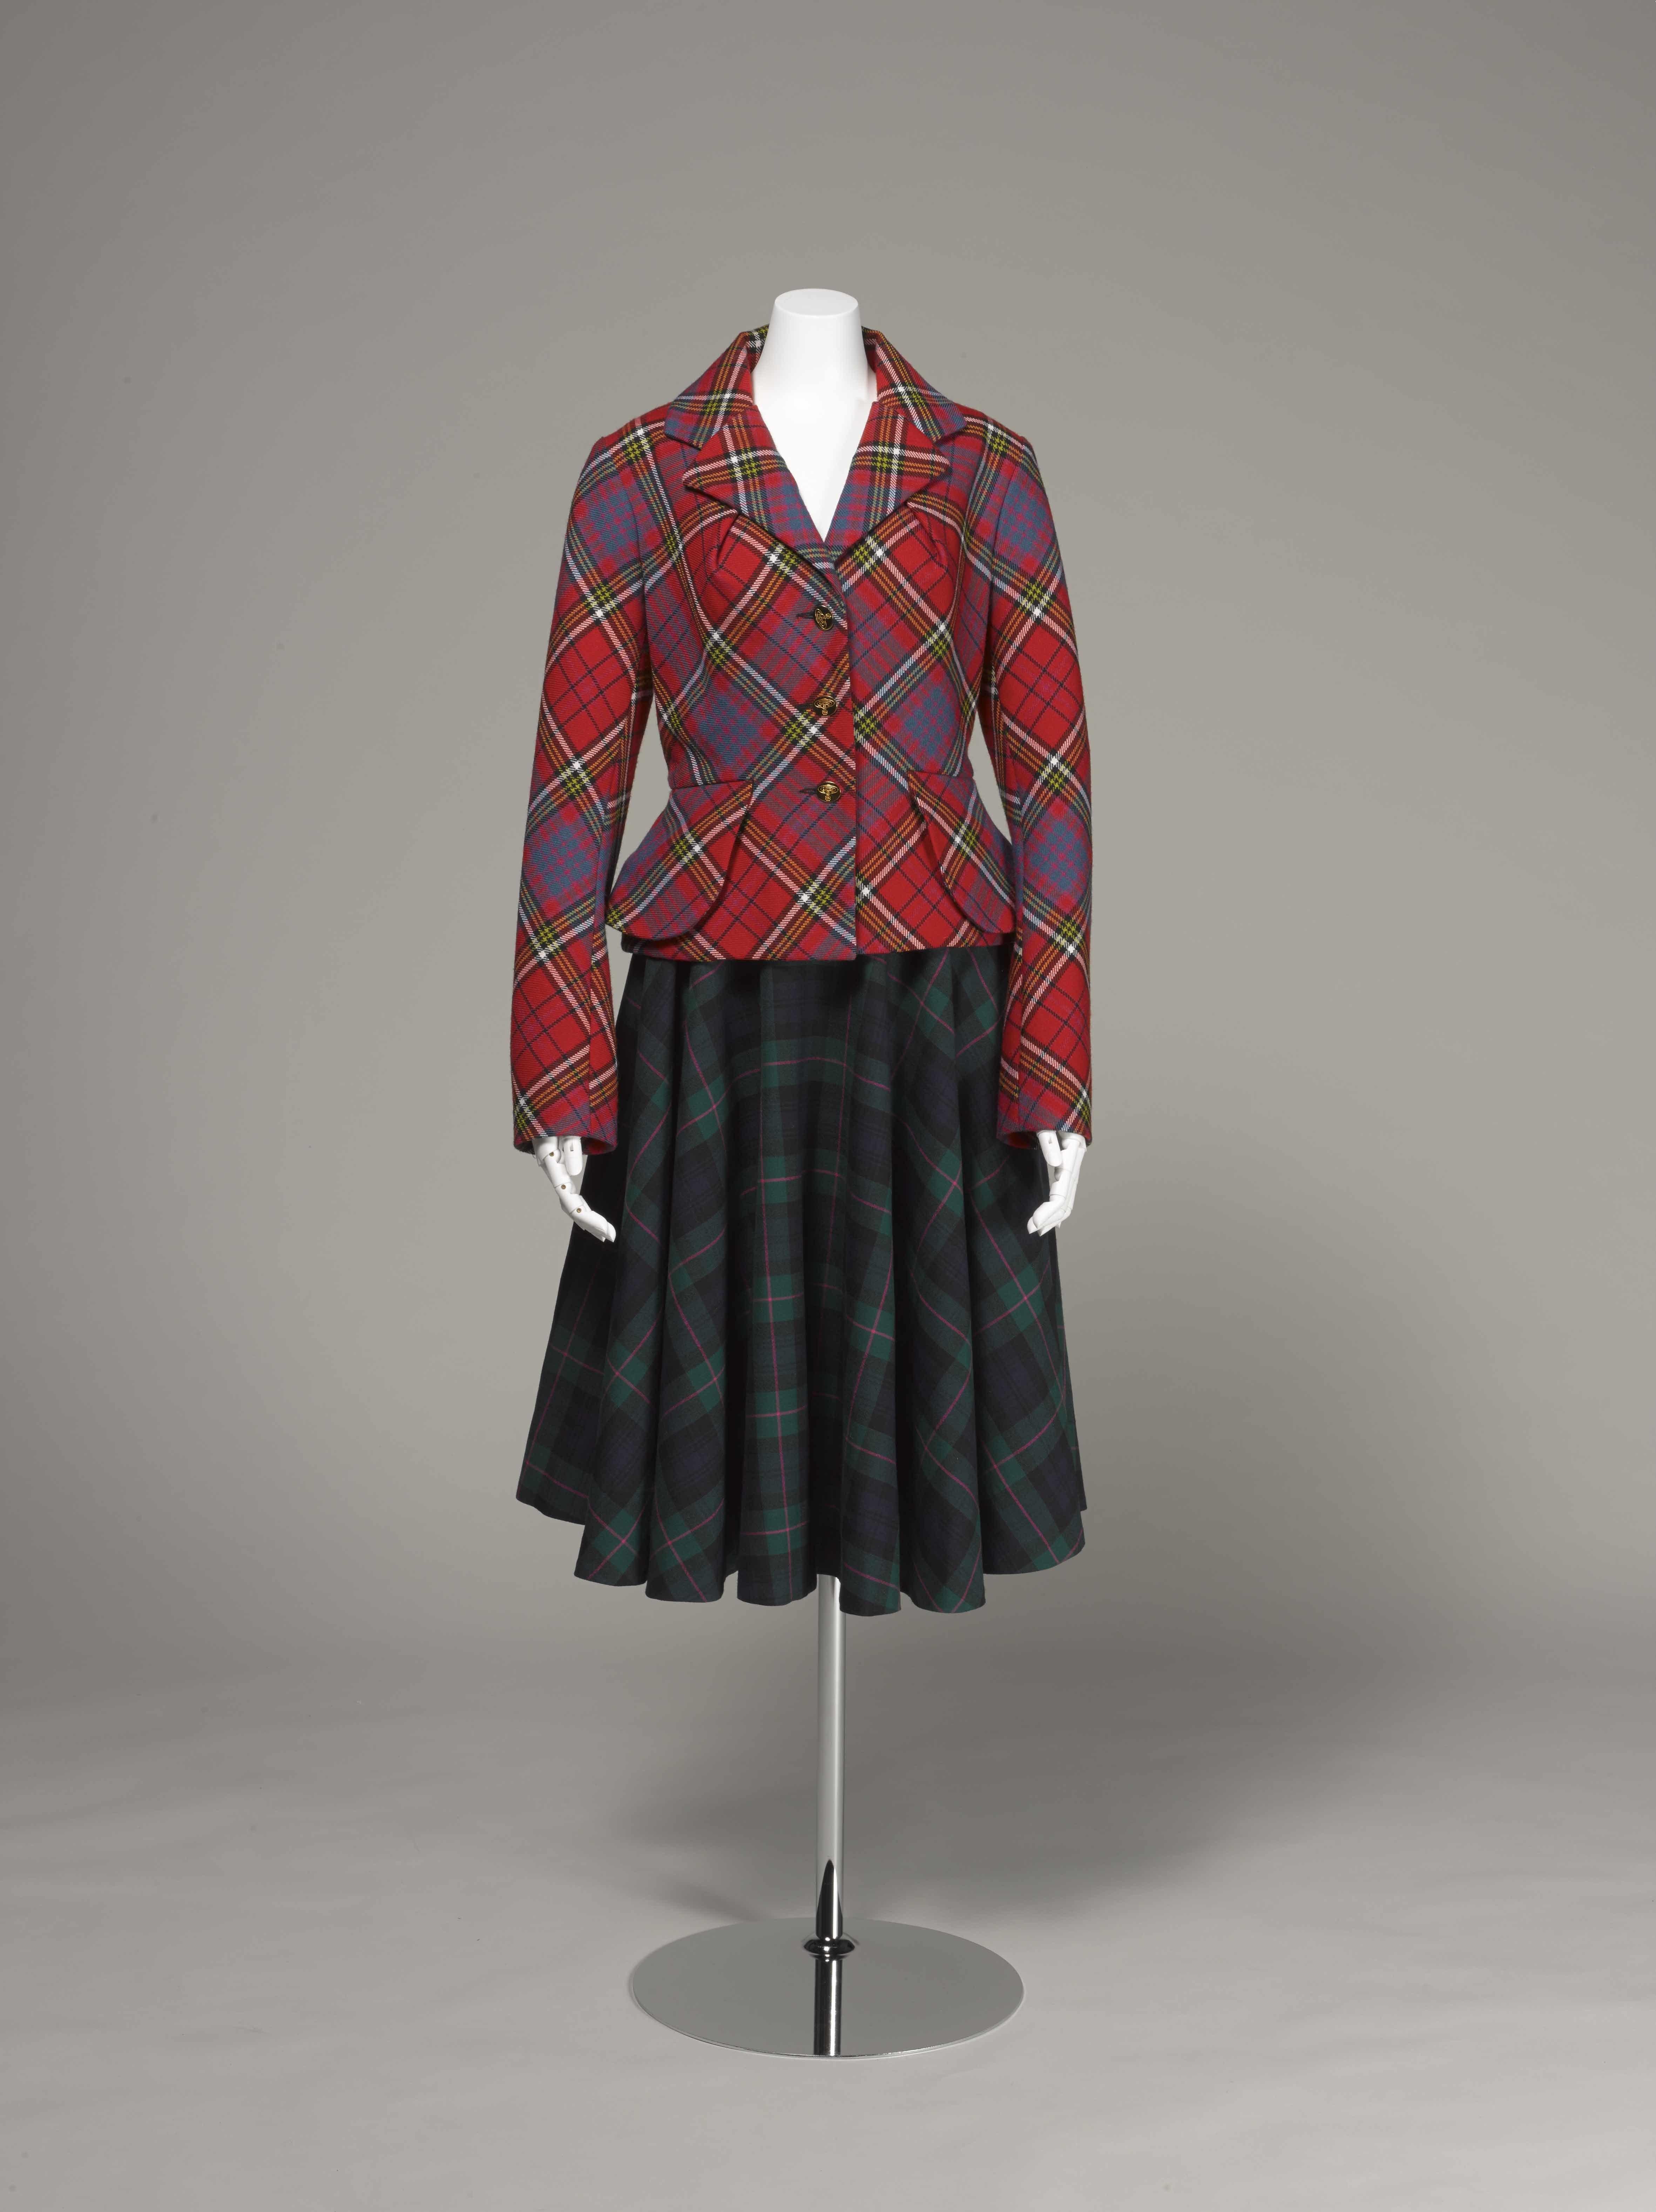 ヴィヴィアン・ウエストウッド <タータン・スーツ> 1993年 神戸ファッション美術館蔵